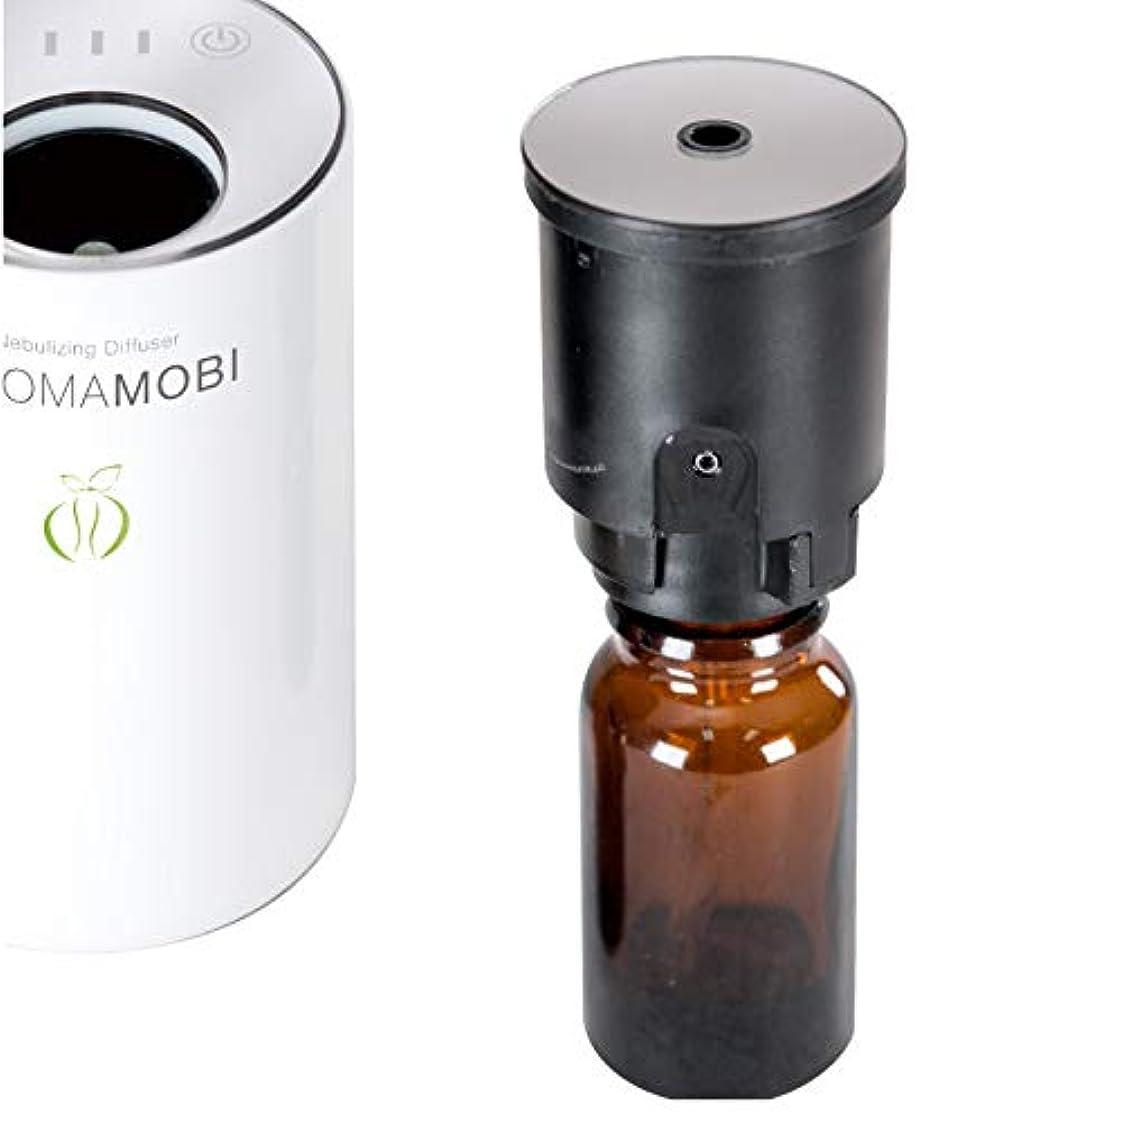 配送スタッフトラップfunks アロマモビ 専用 交換用 ノズル ボトルセット aromamobi アロマディフューザー